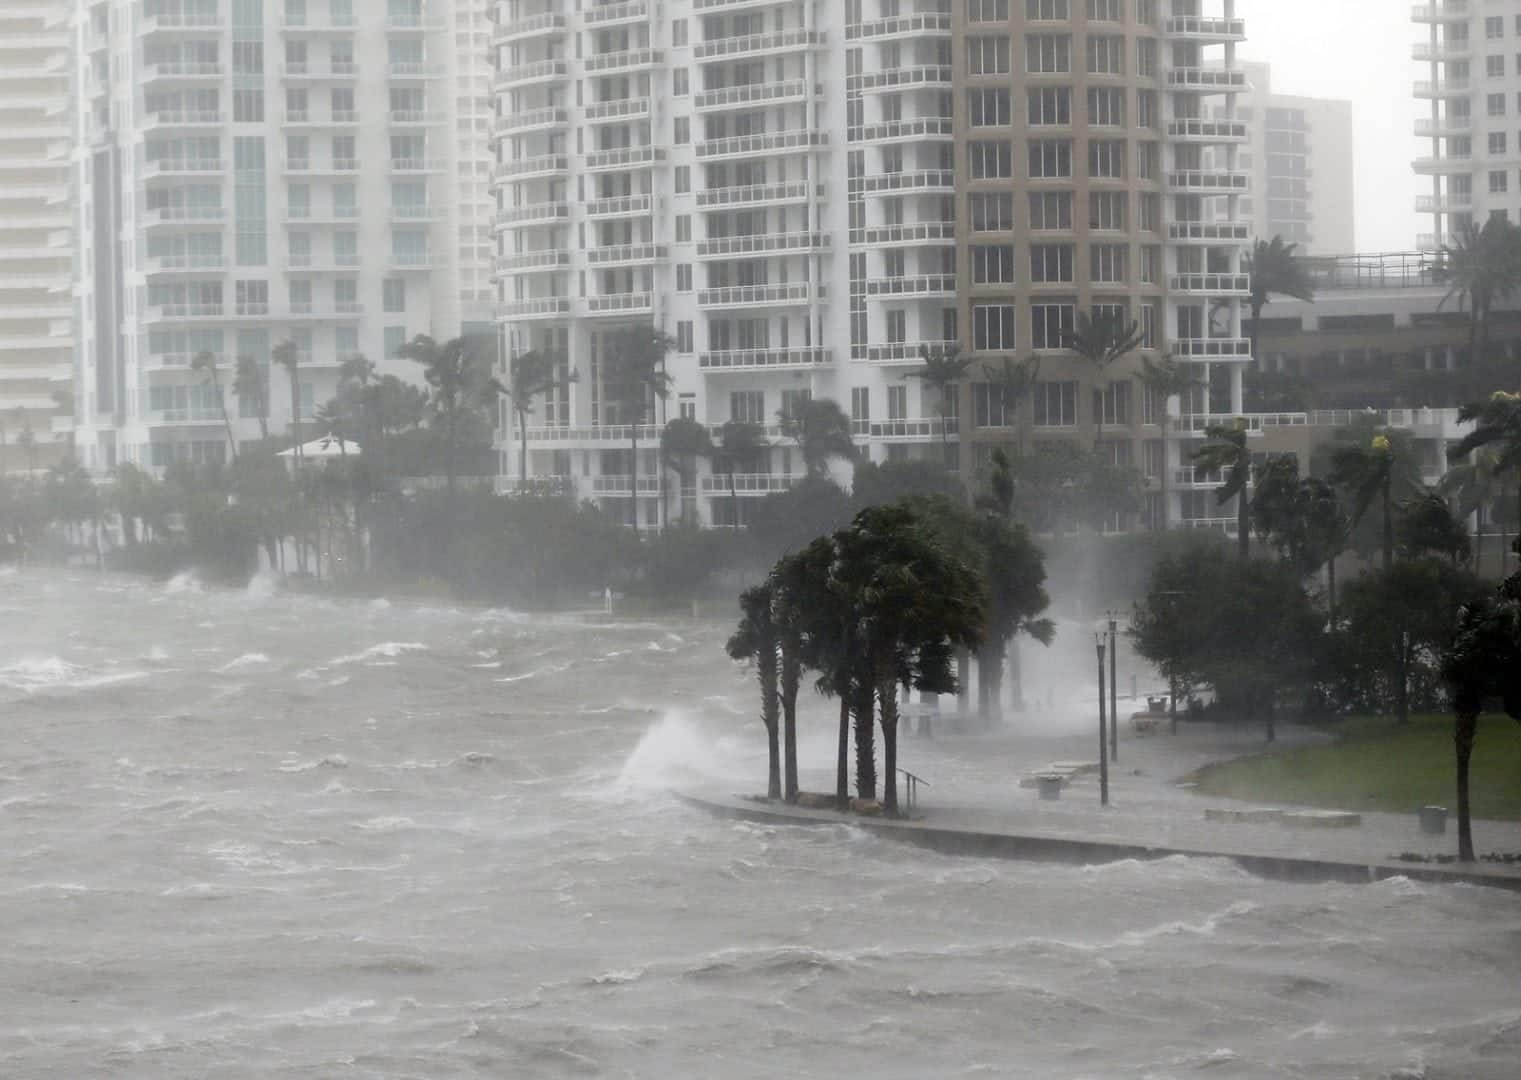 Furacão Irma - Os estragos em Miami depois do furacão